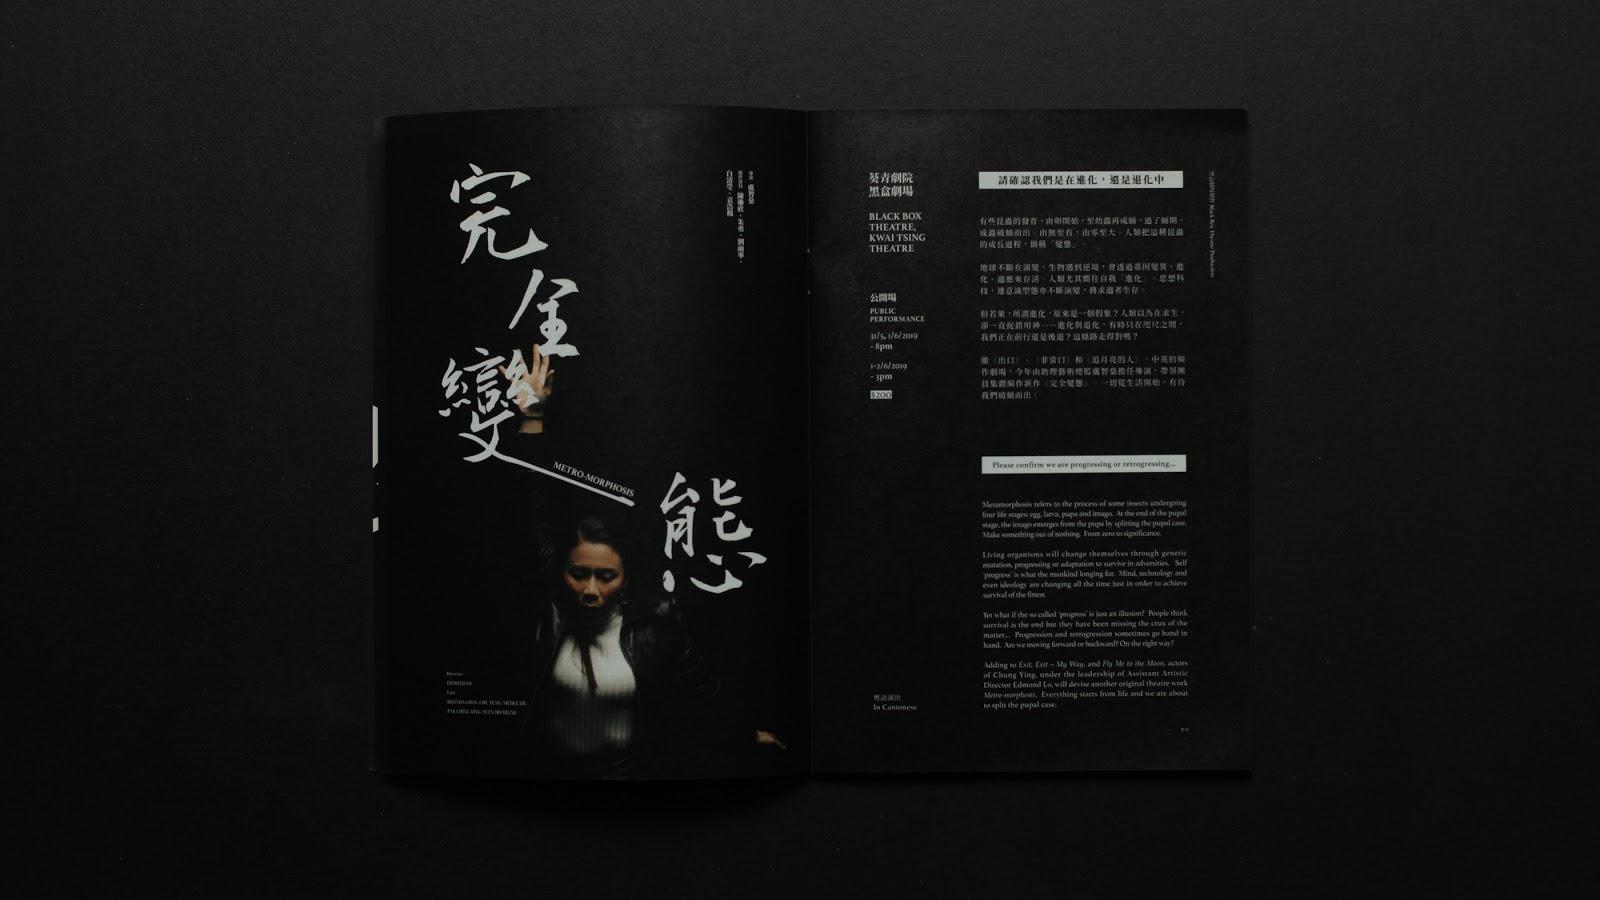 超酷黑色主题企业宣传册设计